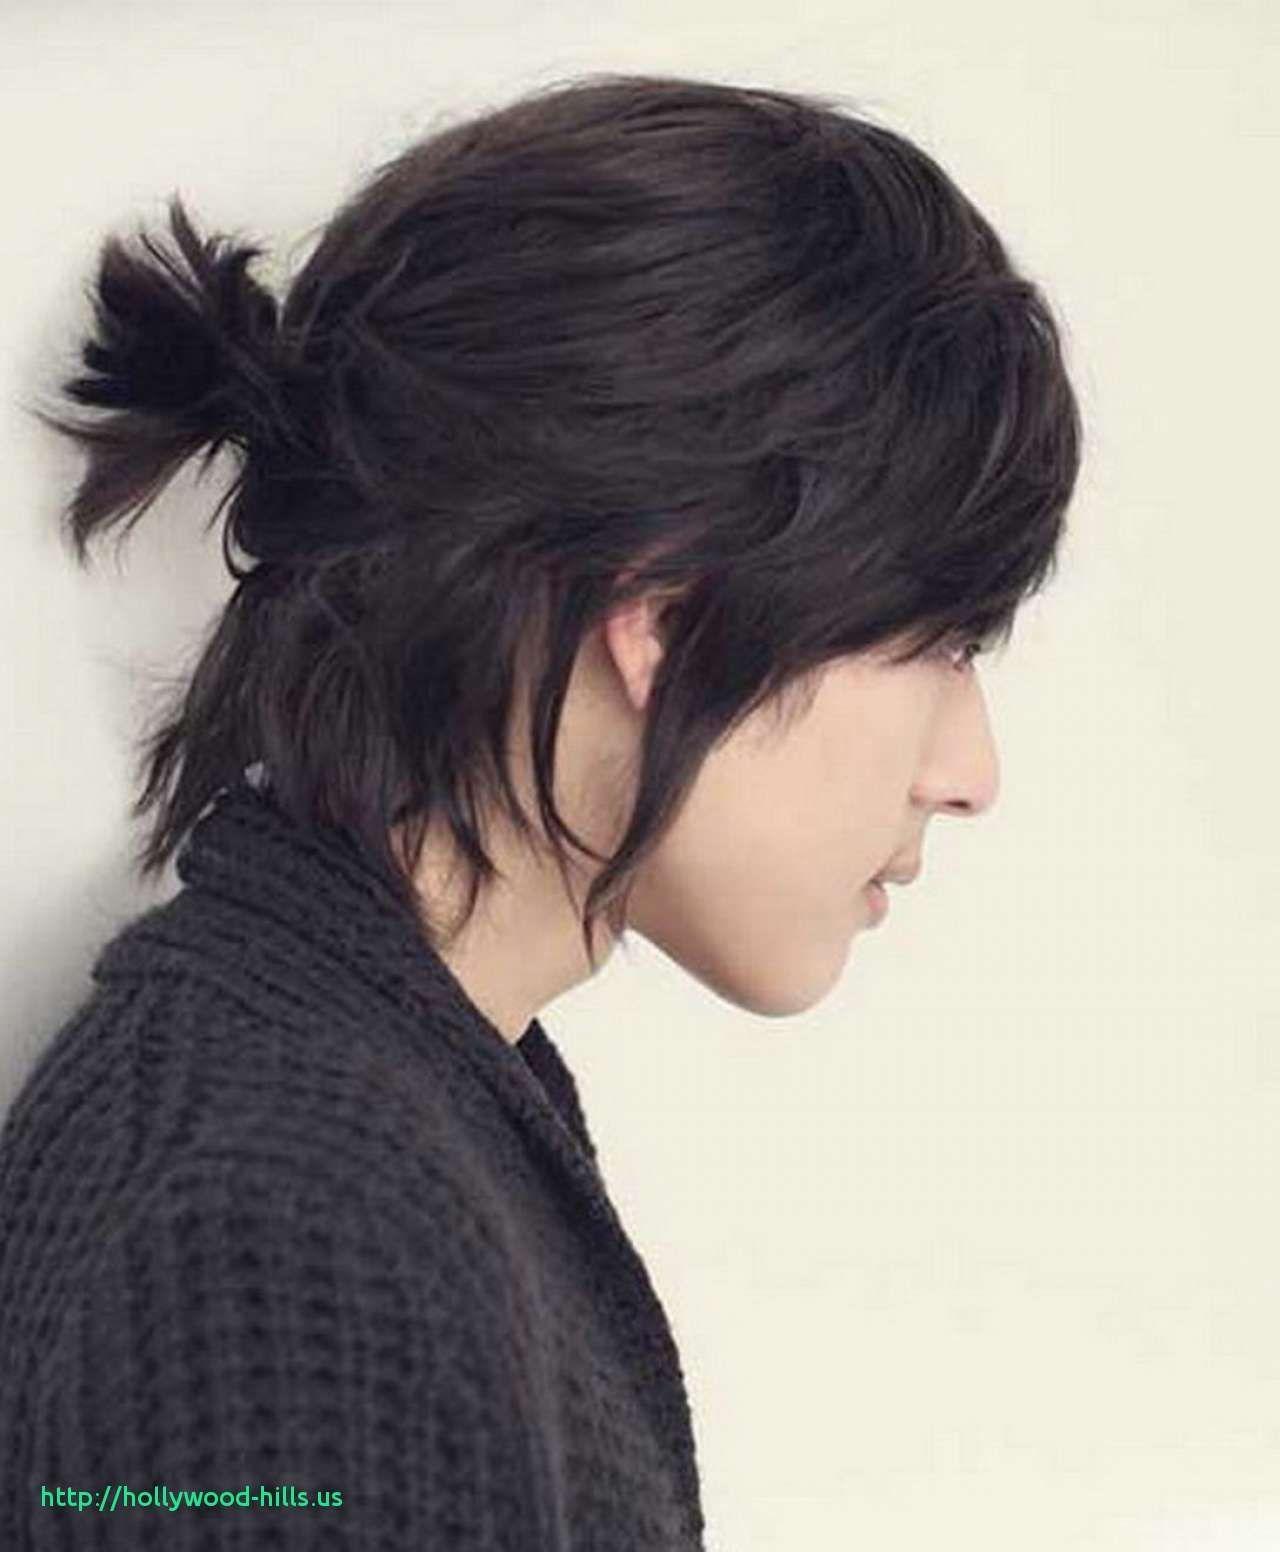 Asian Long Hairstyles 2016 Simplehairstylesformen Penteados Masculinos Cabelo Longo Penteados